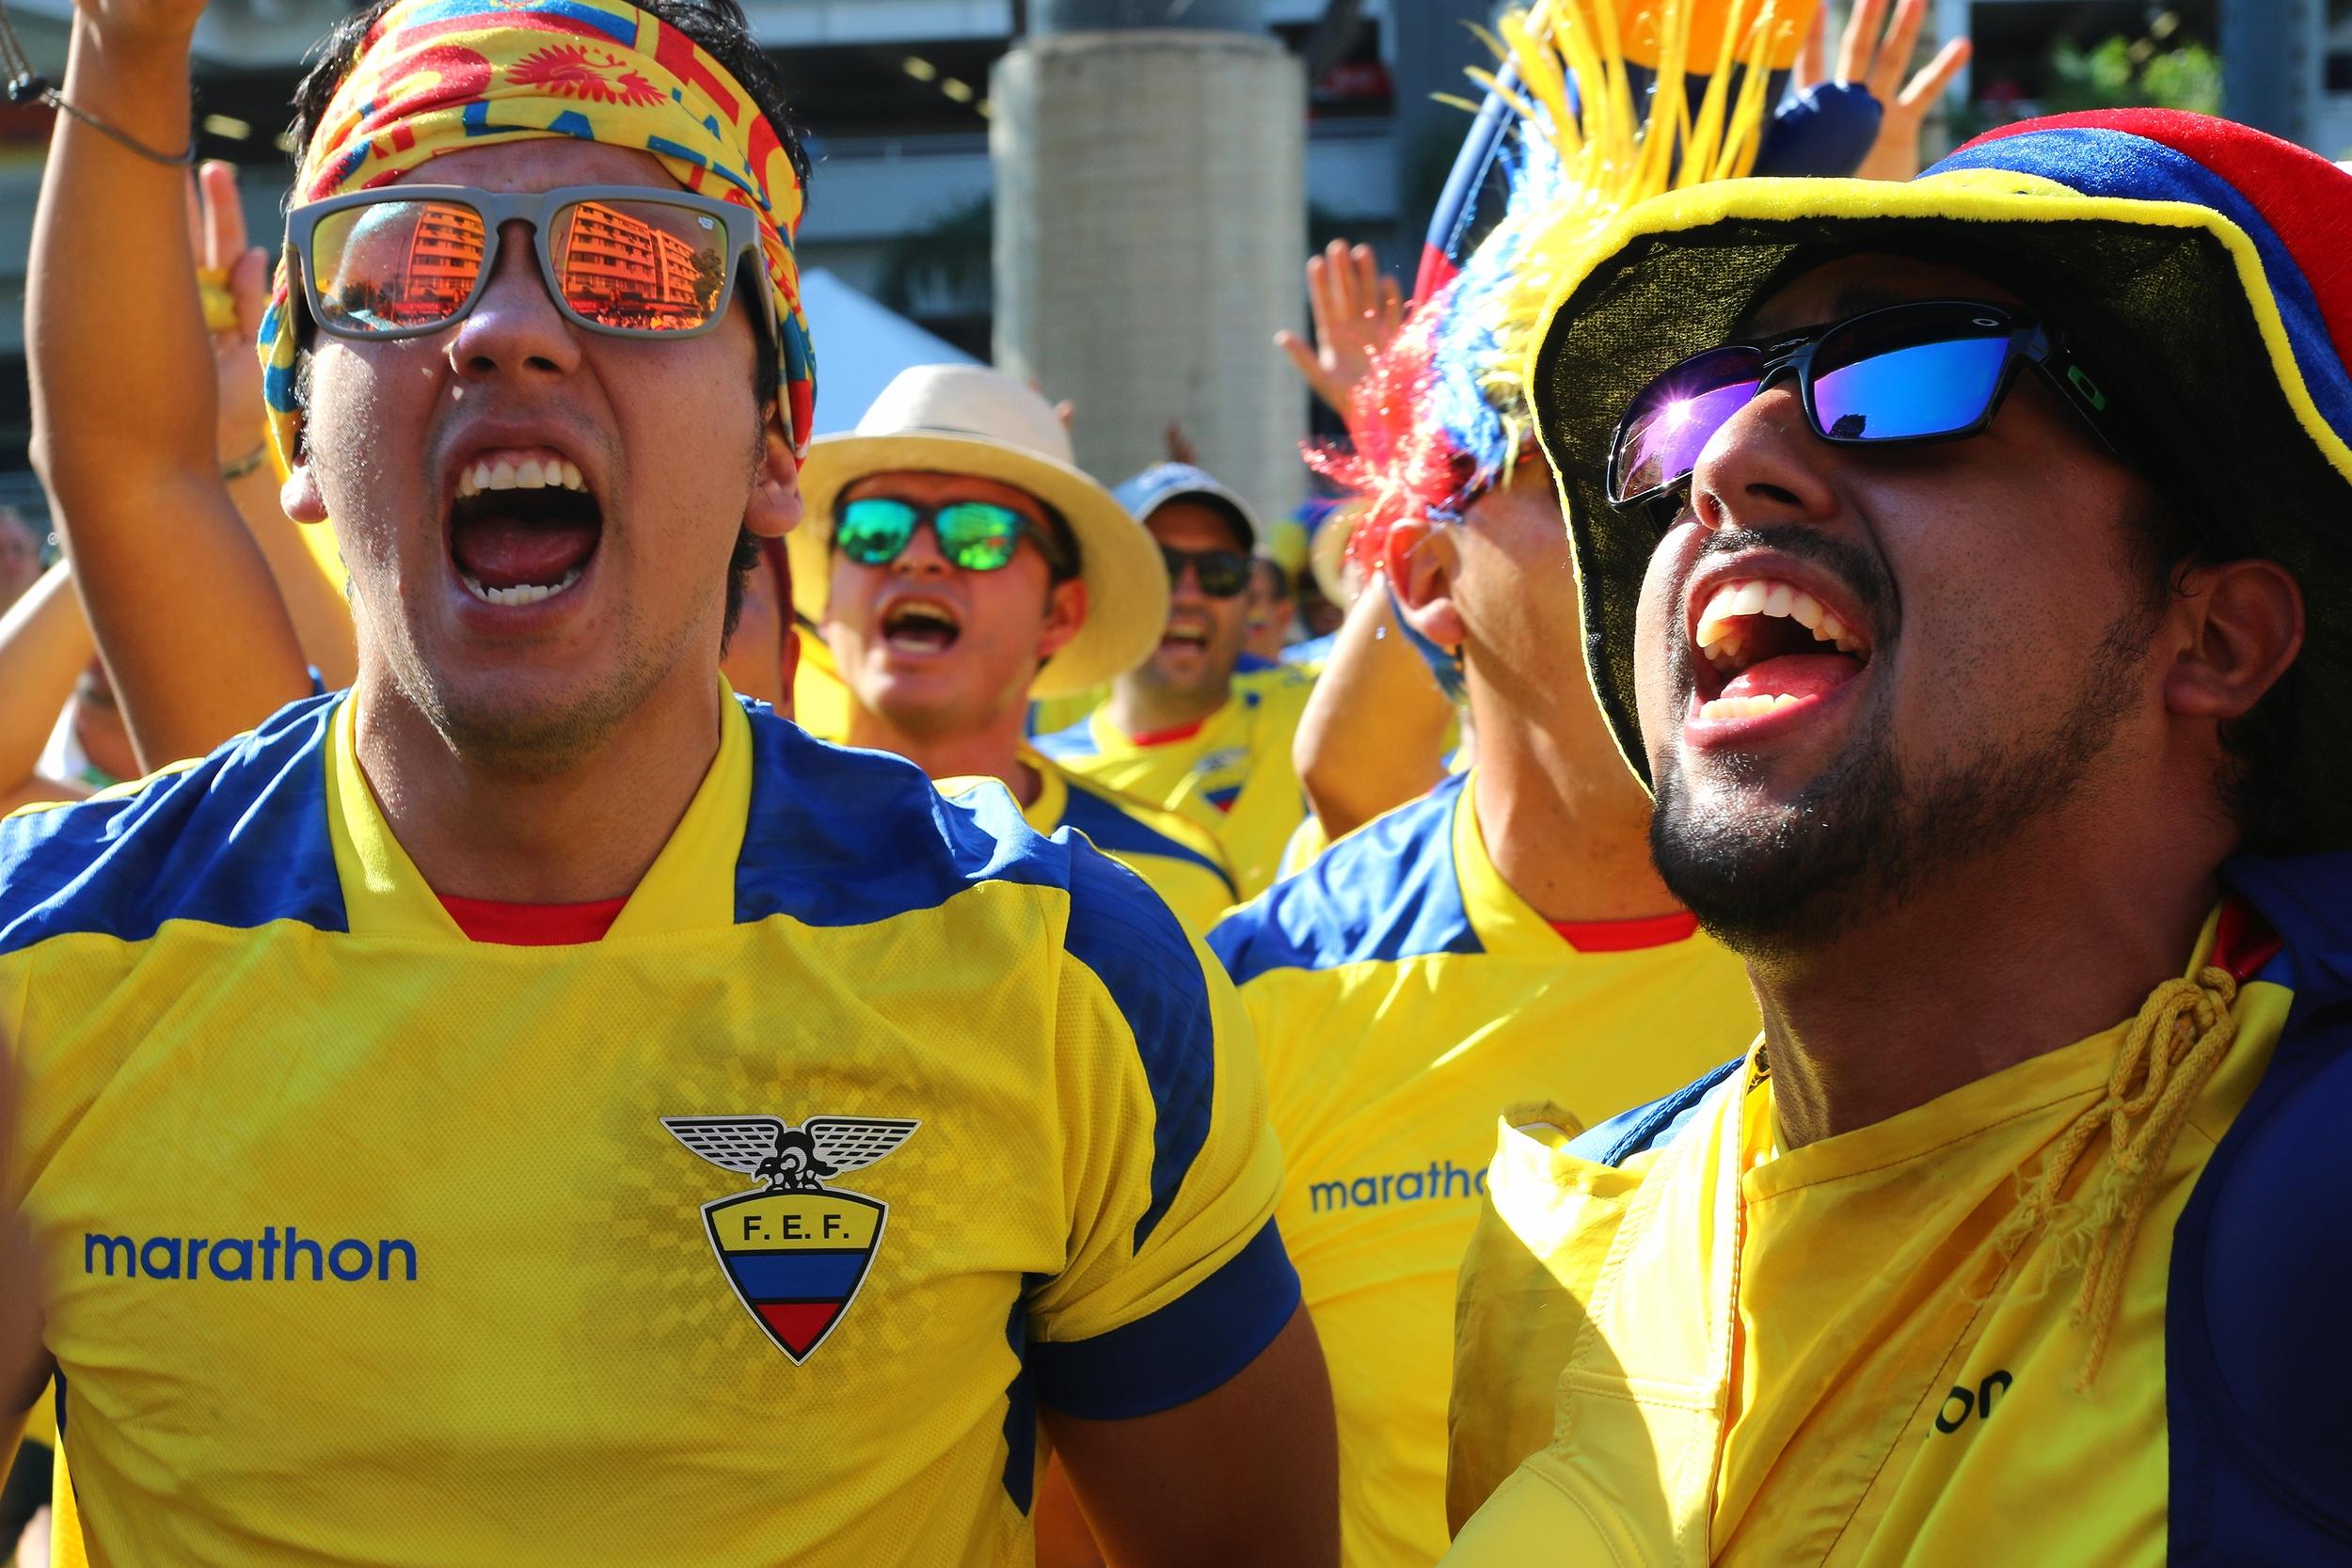 Fans from Ecuador -- Rio de Janeiro, Brazil